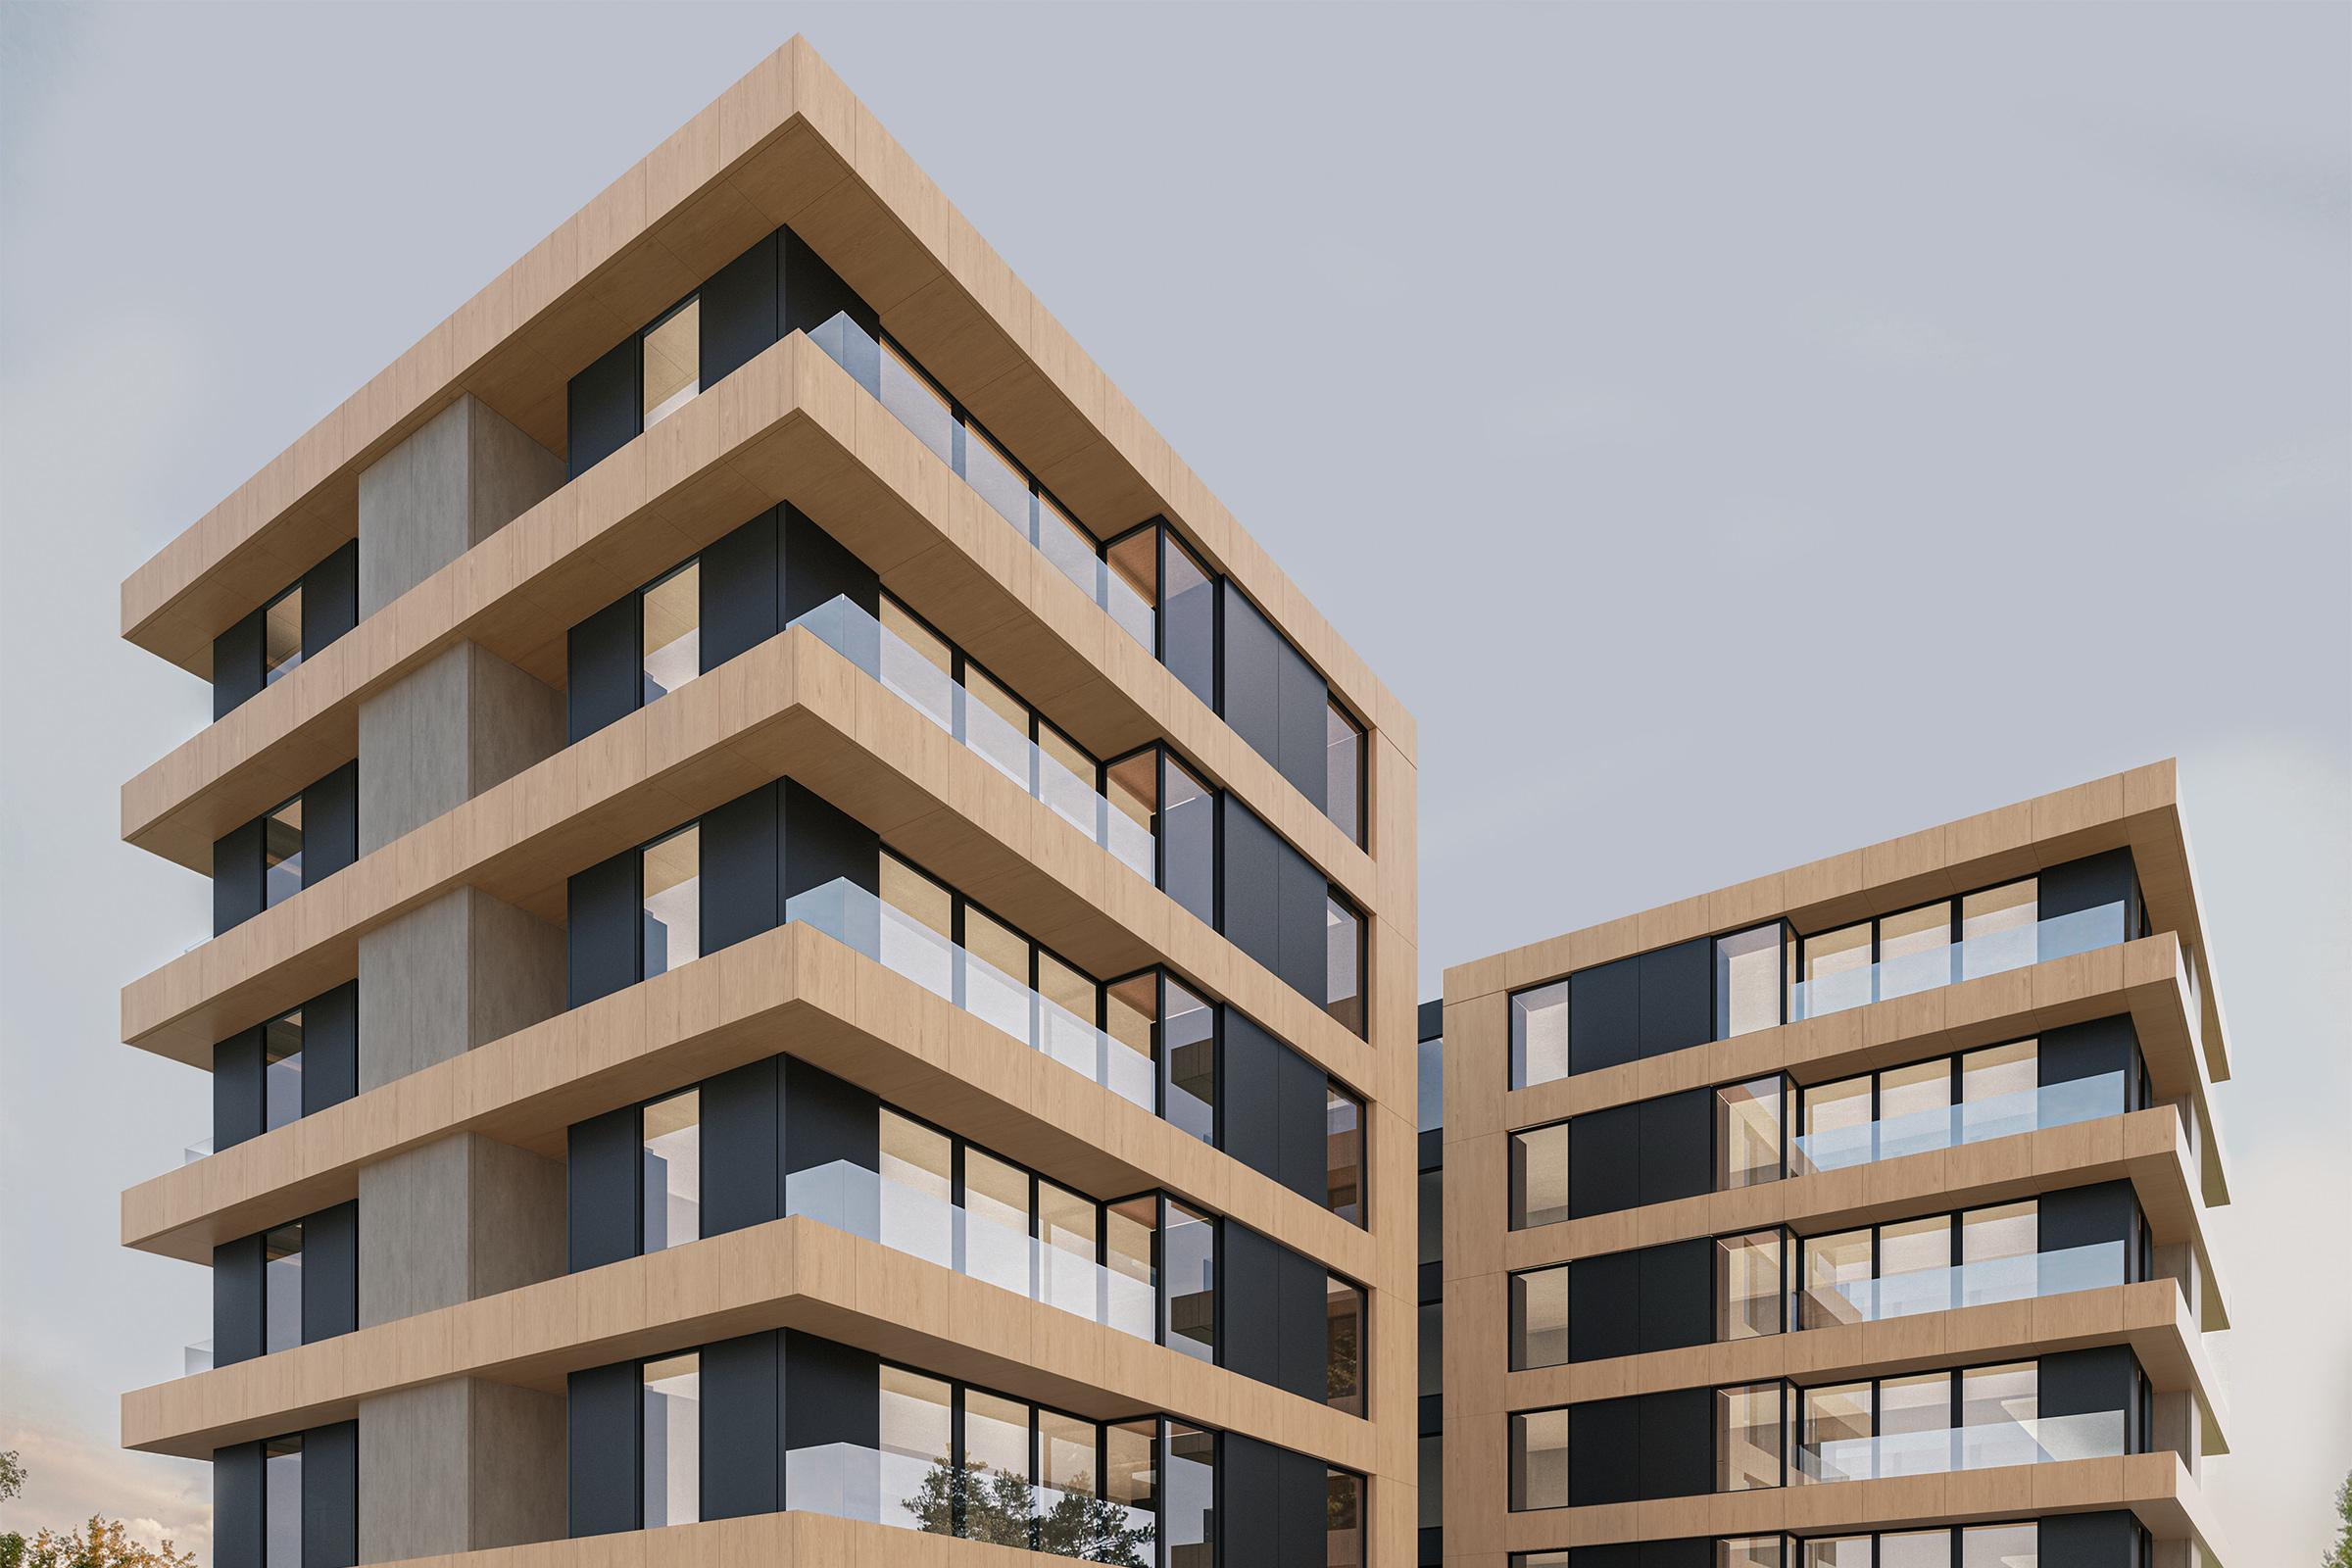 edificio_STB-W05